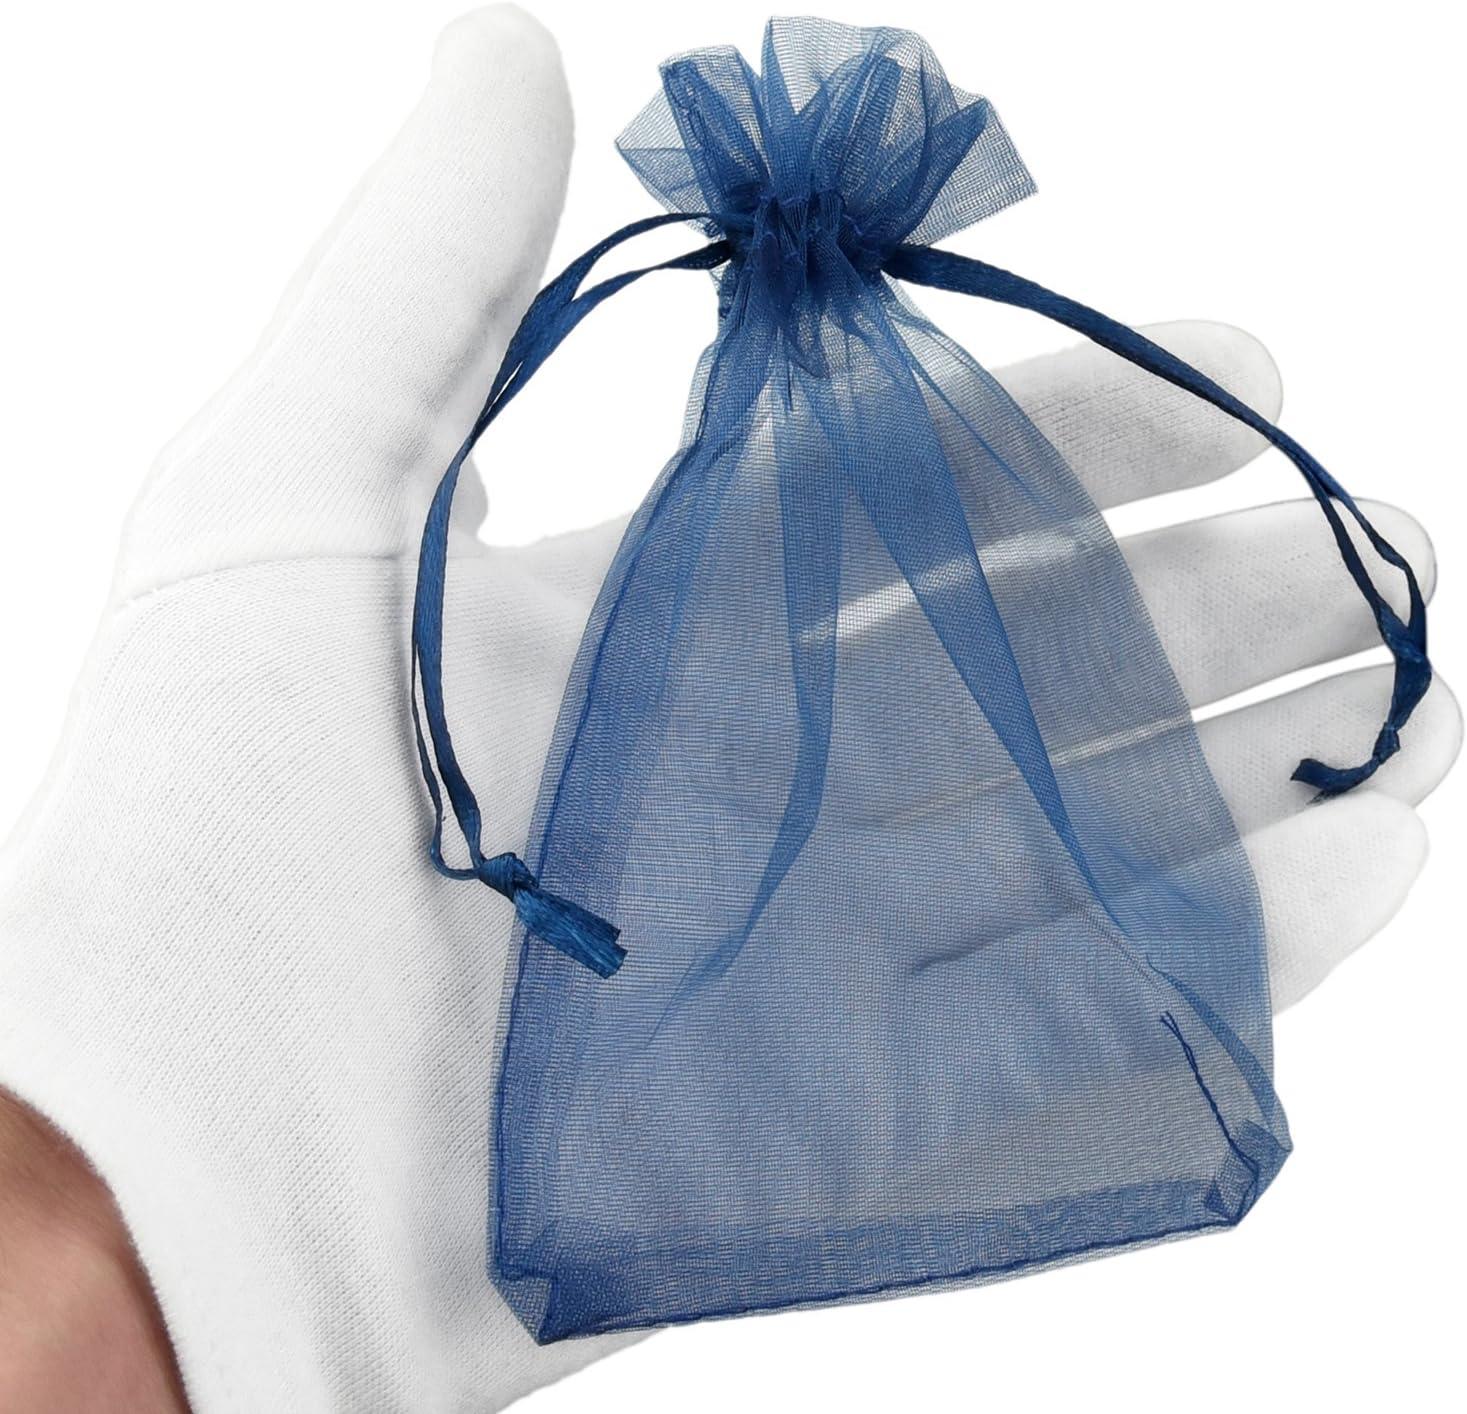 Pack de 100 FiveSeasonStuff Organza Blanc Sacs /à Cadeaux pour Favors de Mariage Bijoux F/ête danniversaire Arts et m/étiers Emballage Bonbon DIY 7cm x 9cm Petit